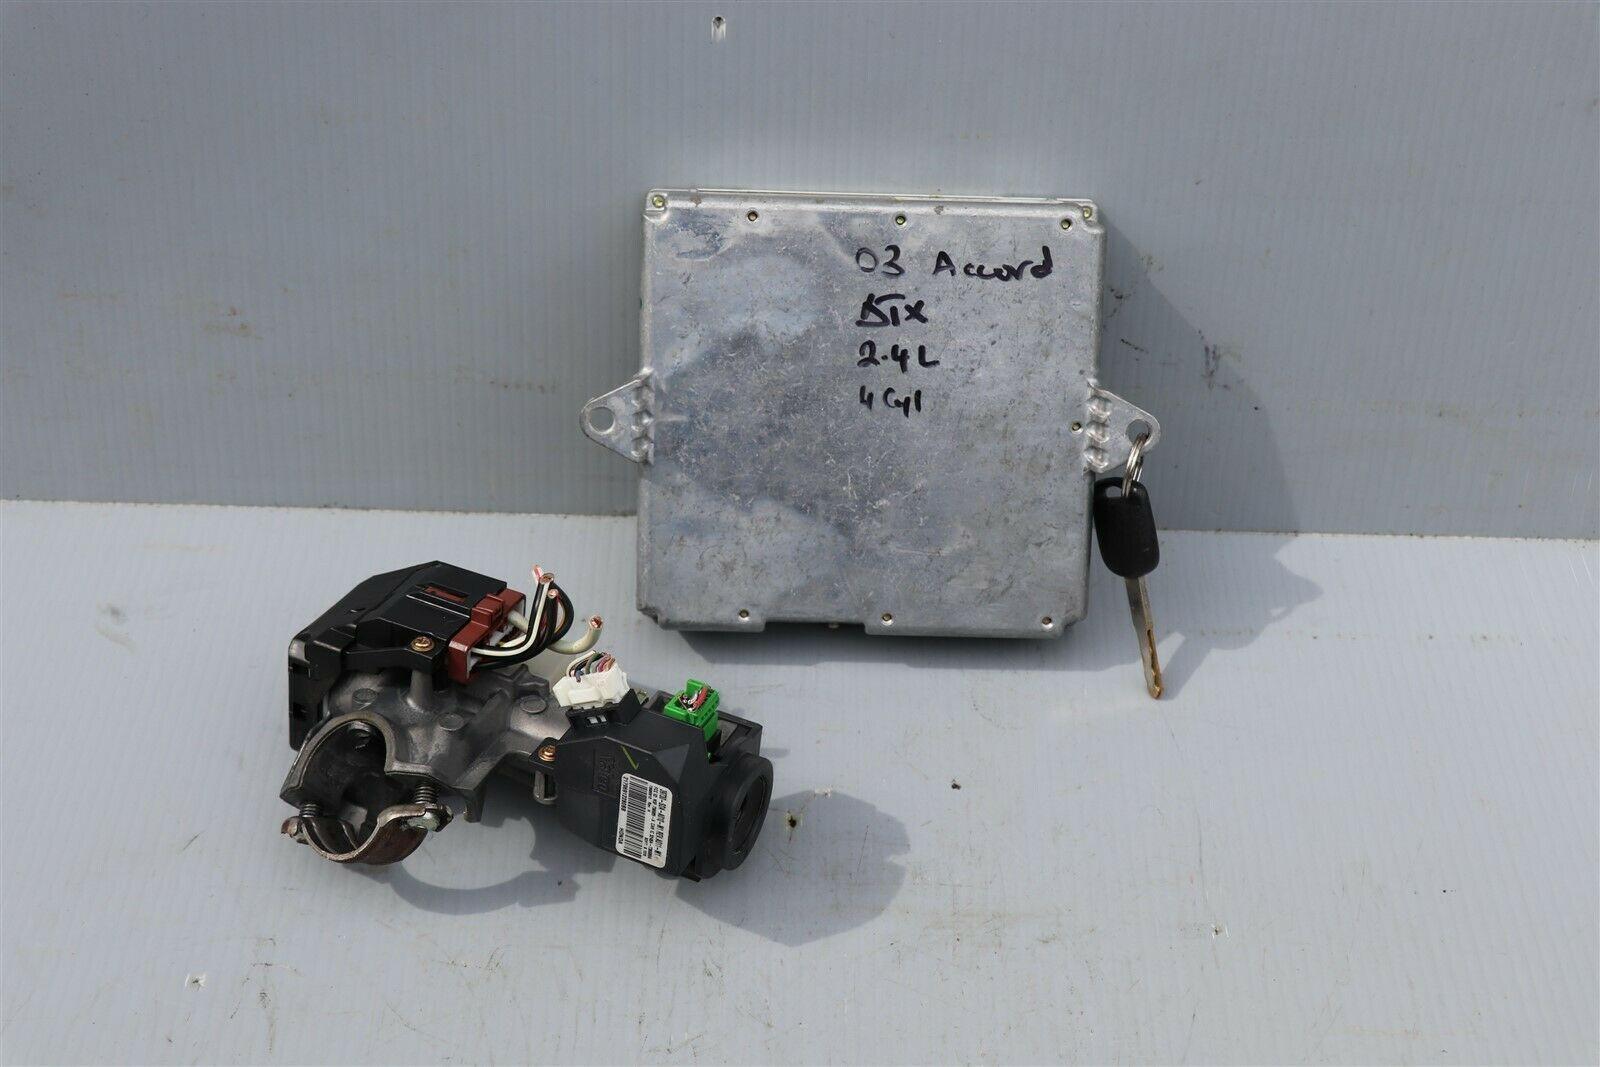 03 Accord 2.4L ATX ECU ECM Engine Control Module w/ Immo & 1 Key 37820-RAA-A54